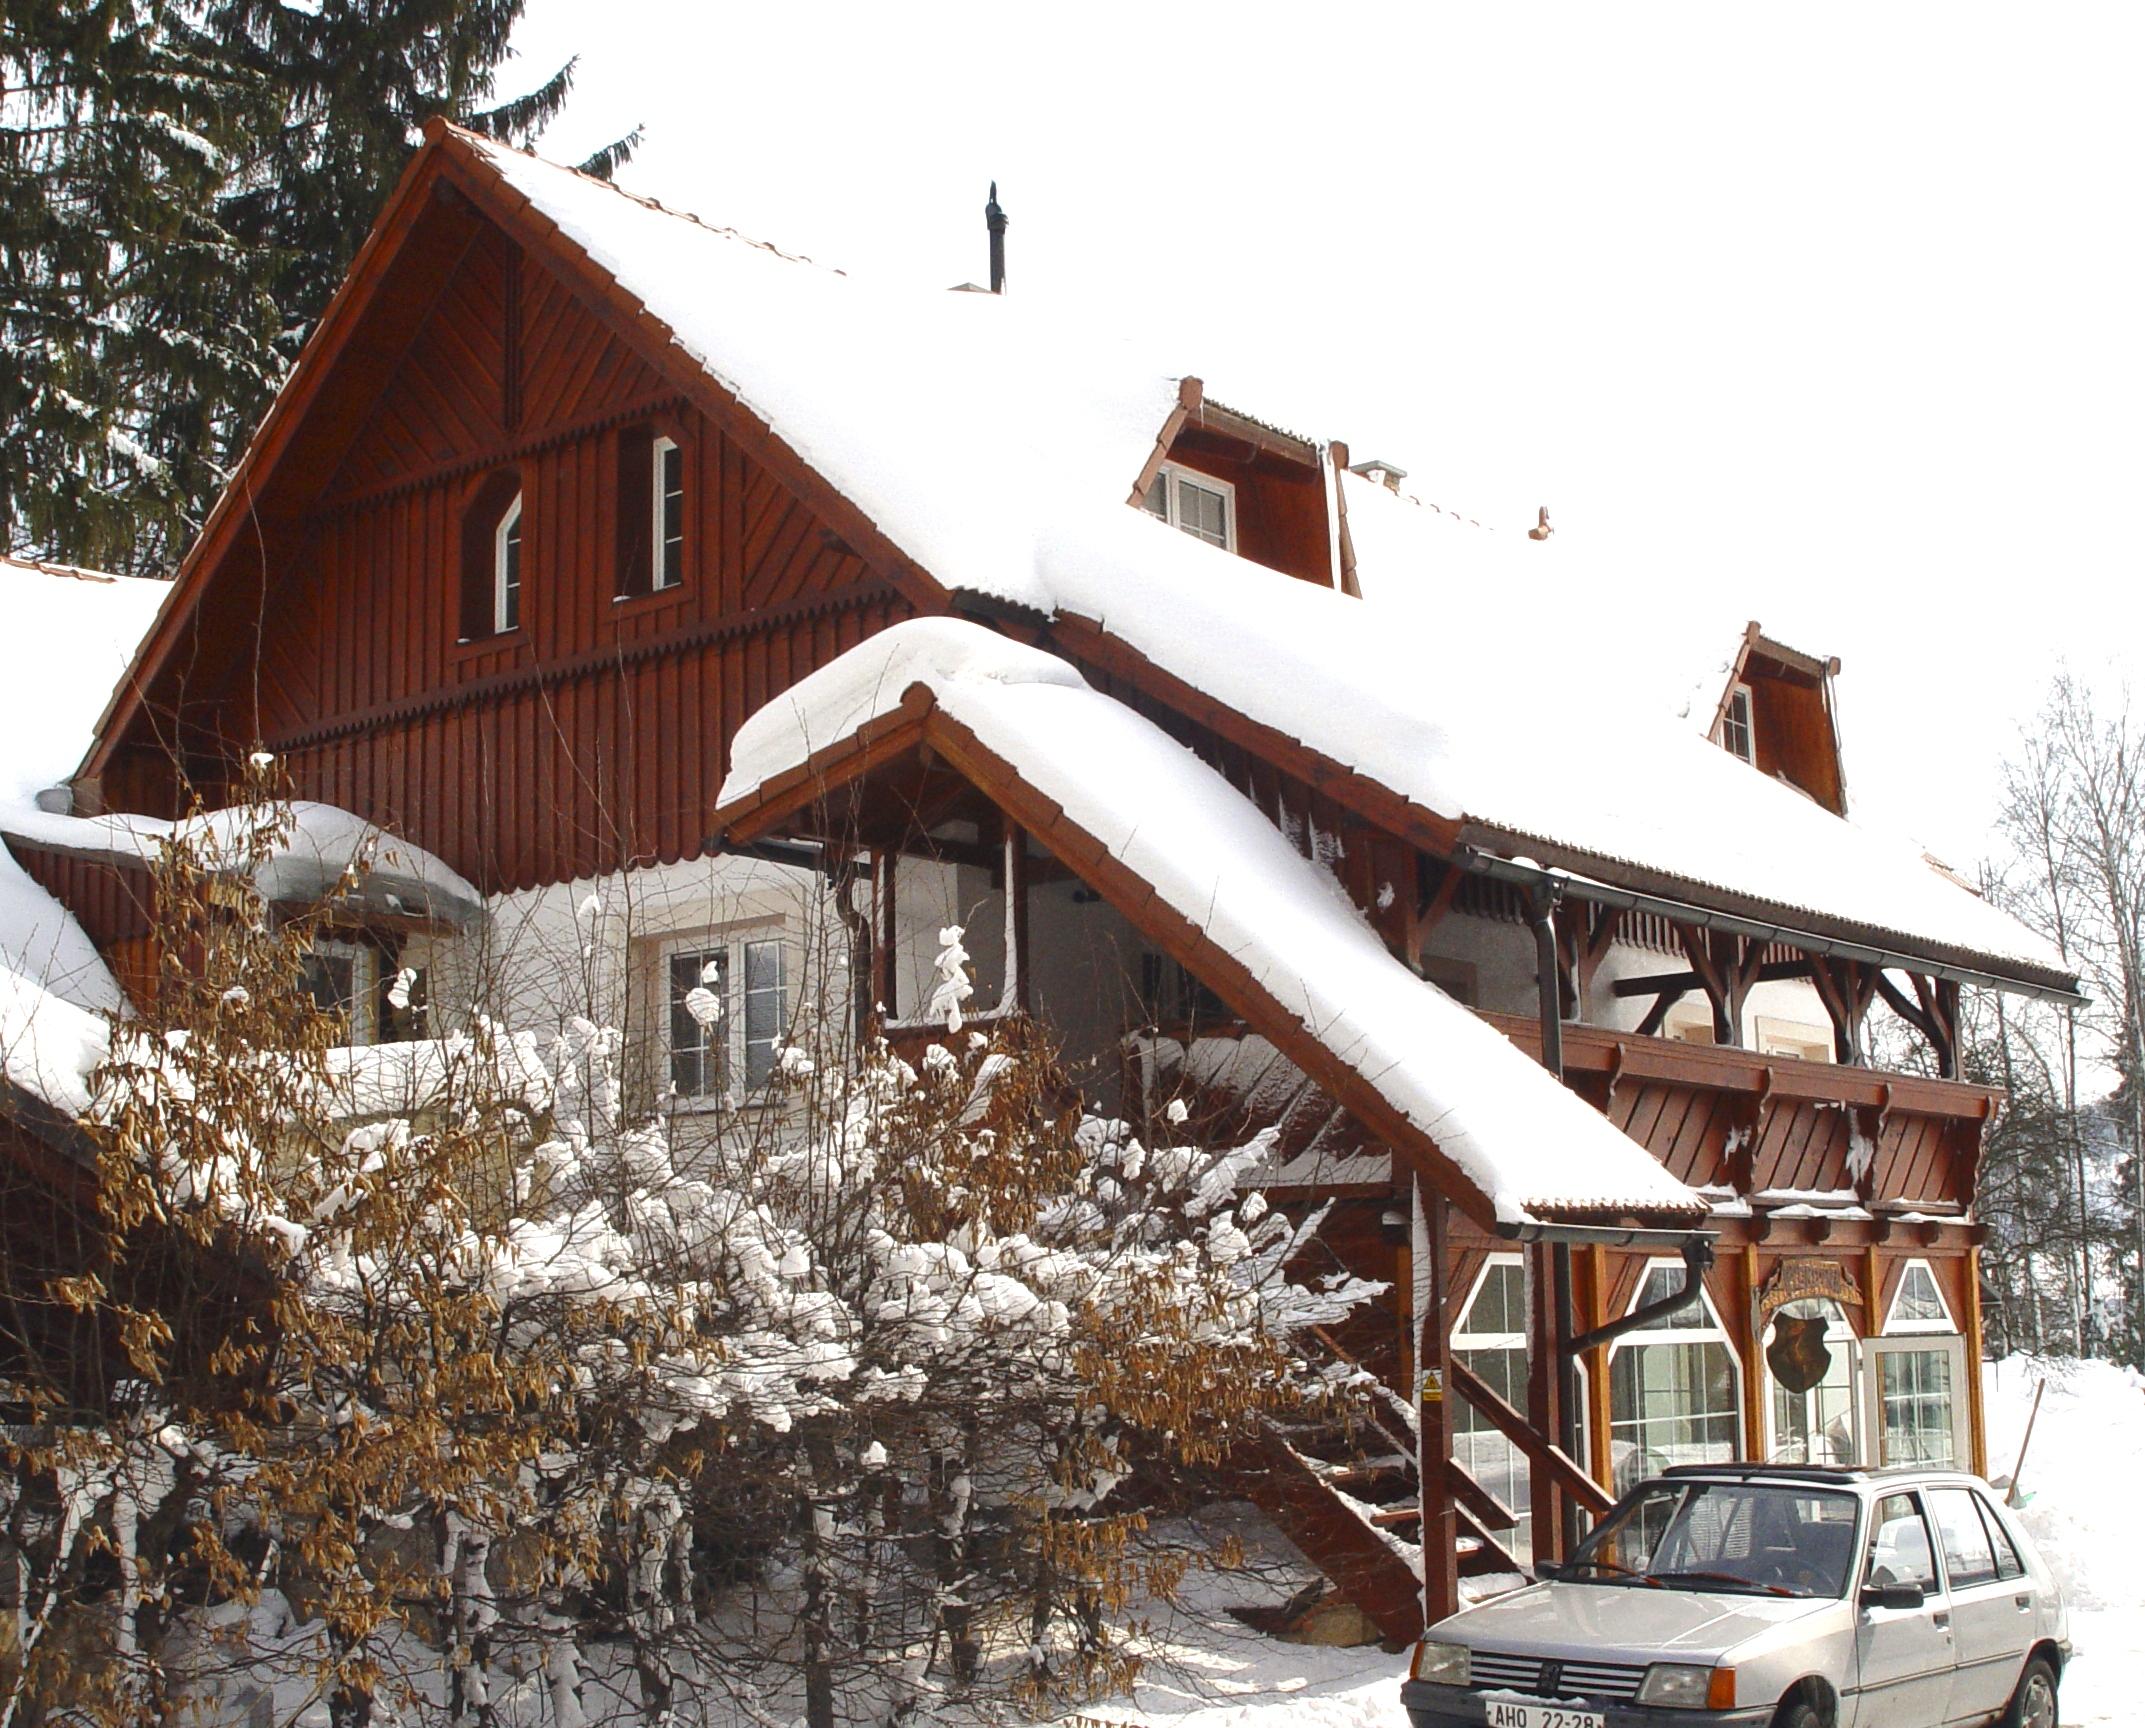 Ubytování nebo školení zima 2010/2011